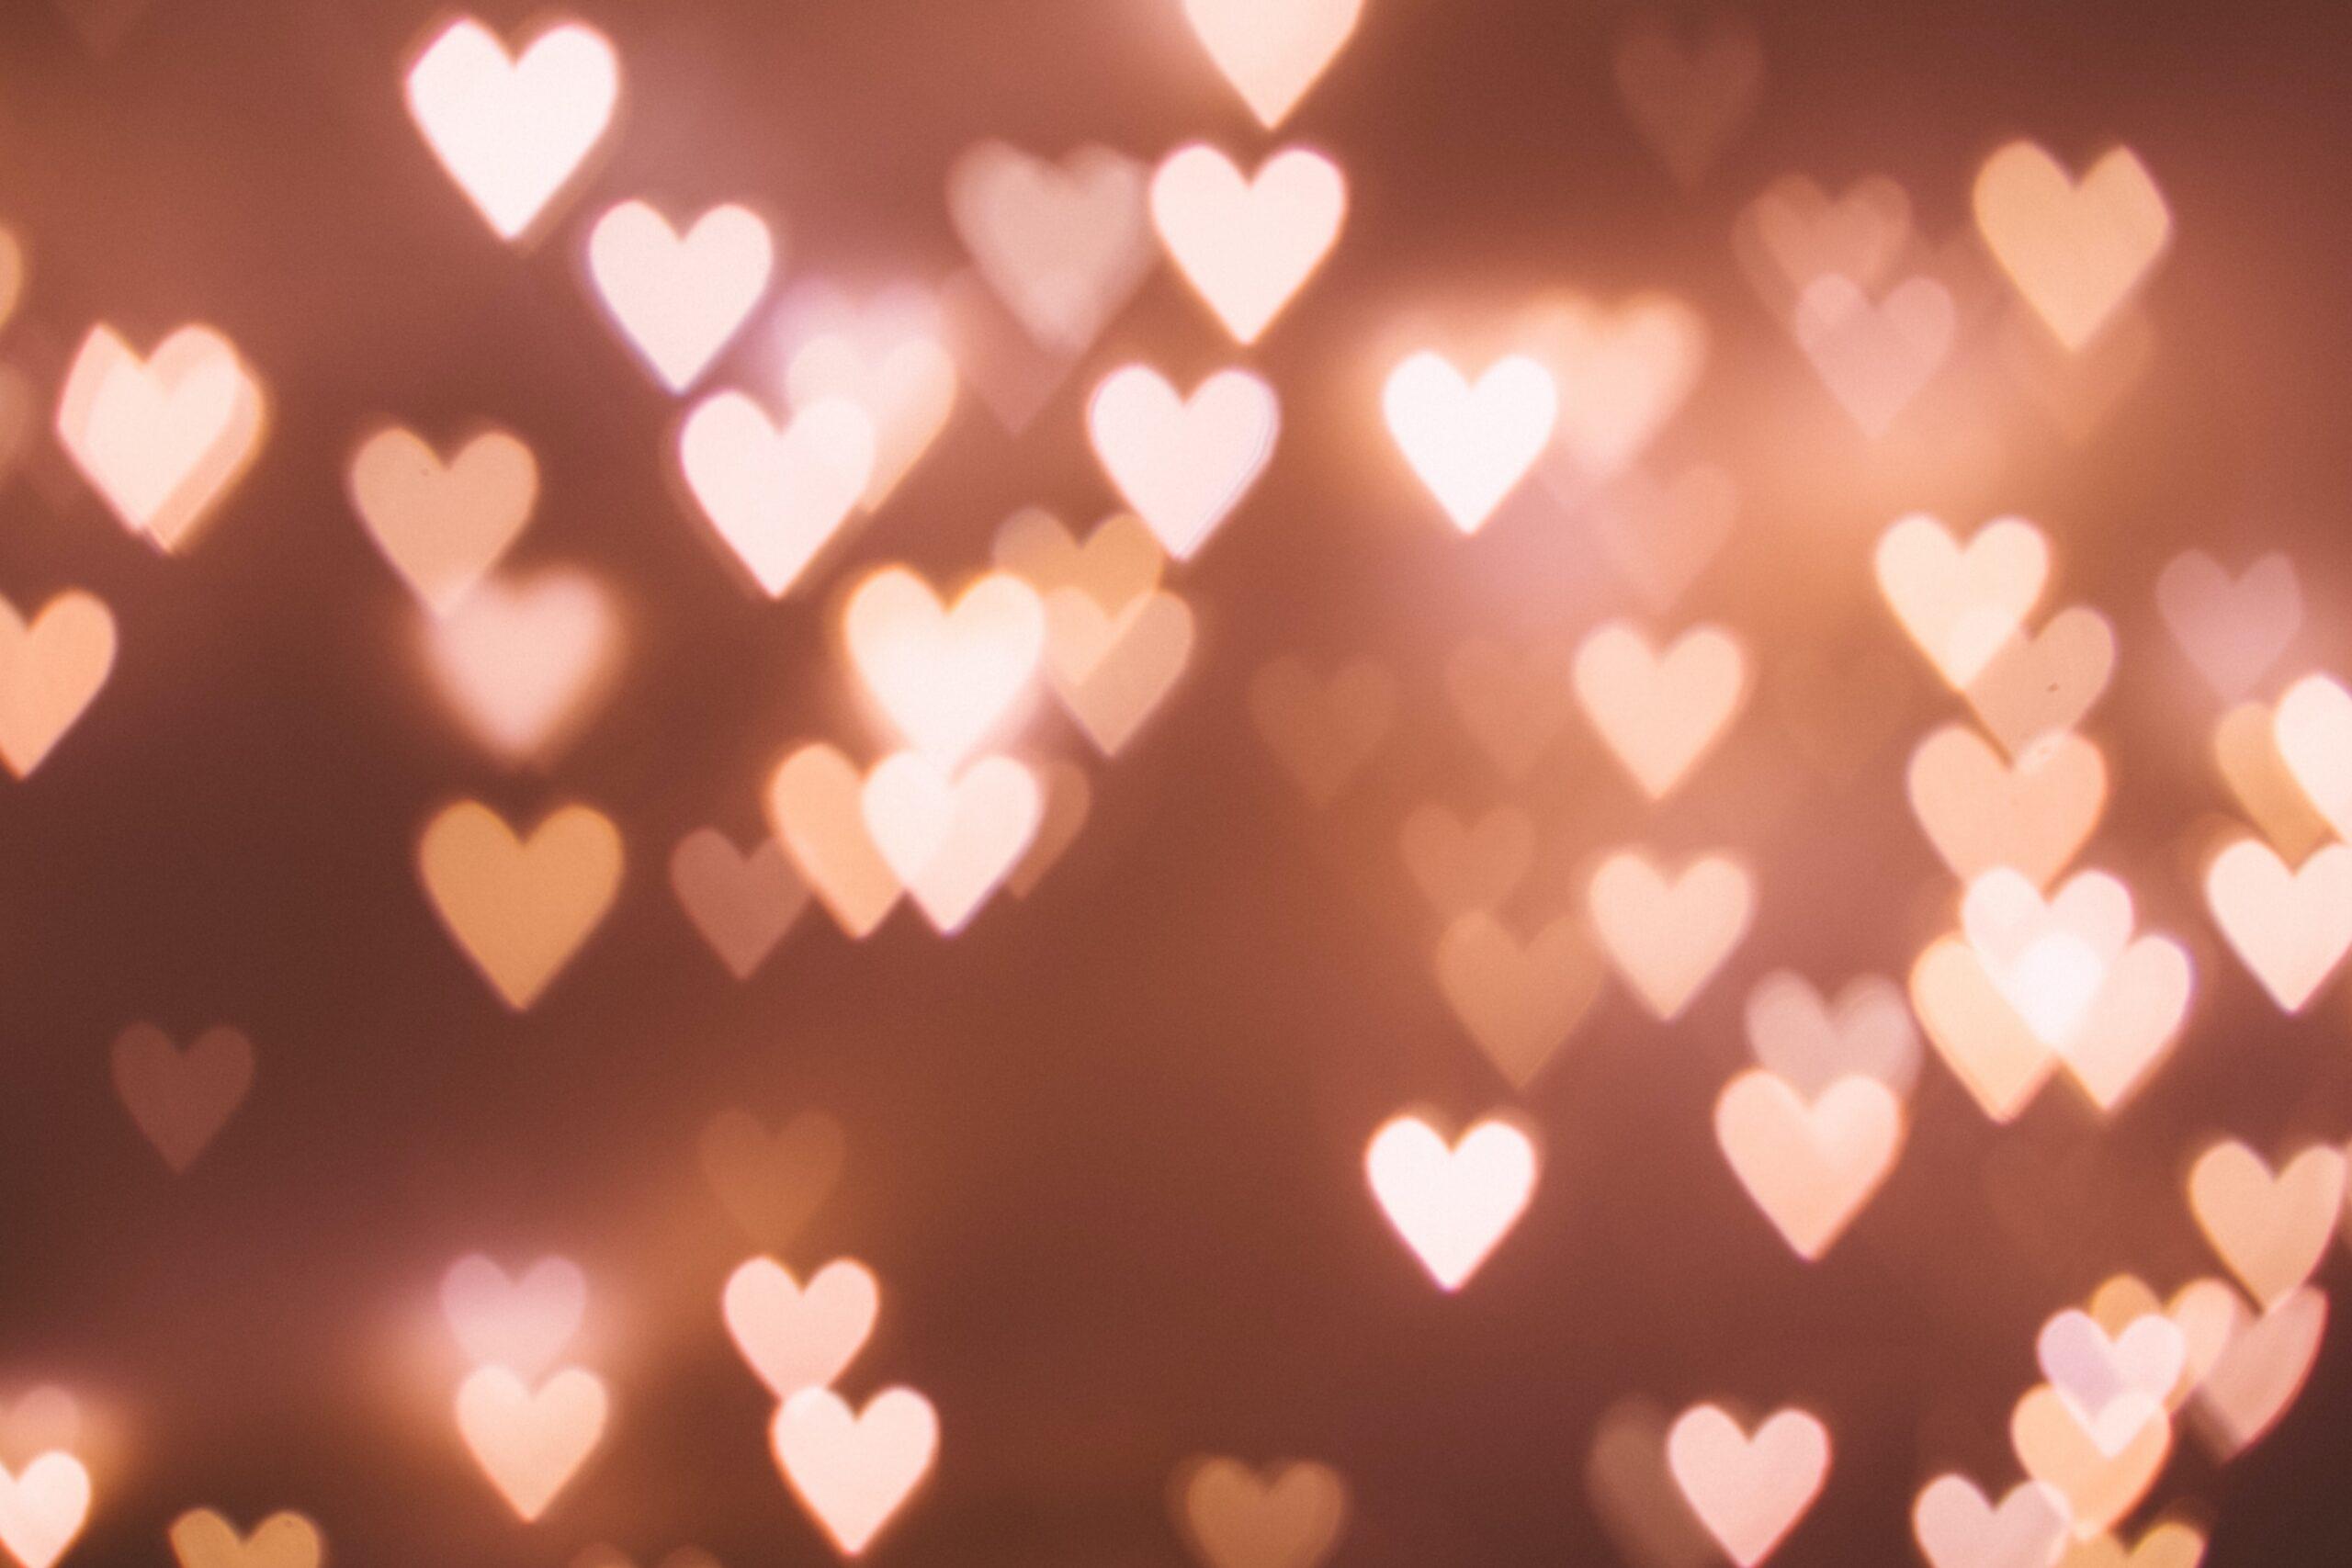 Walentynkowy savoir-vivre, czyli jak randkuje świat?